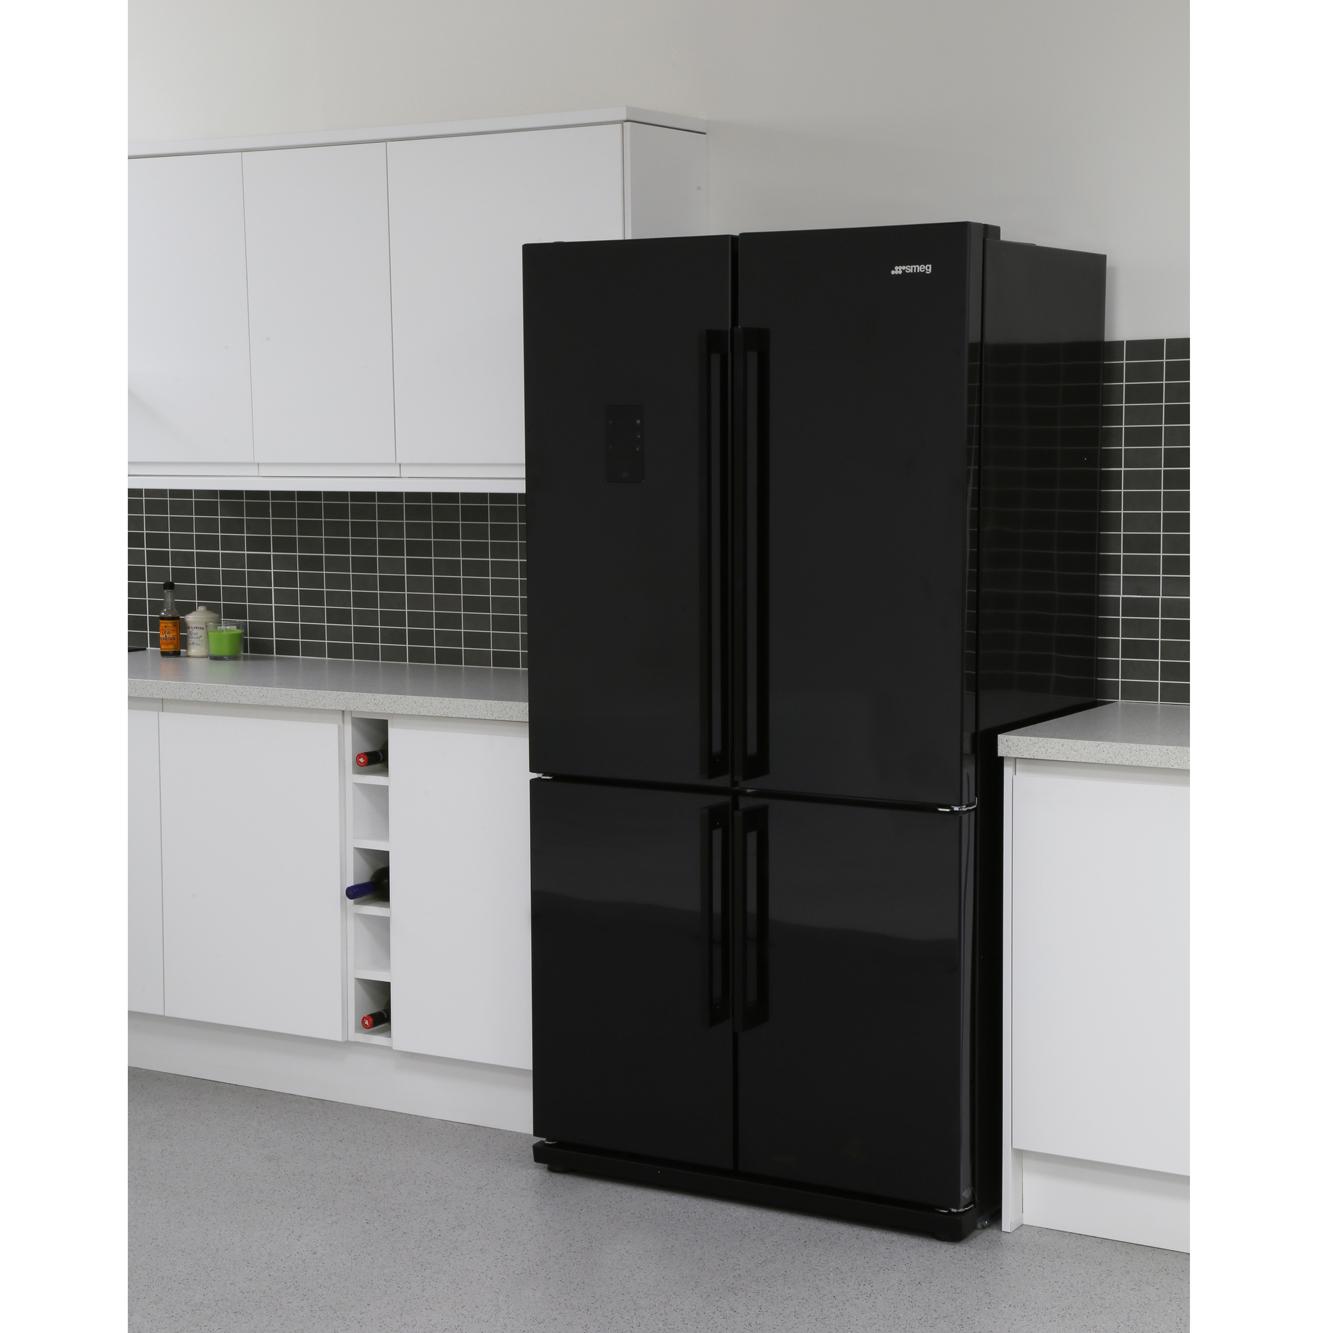 Buy Smeg Fq60npe American Fridge Freezer Black Marks